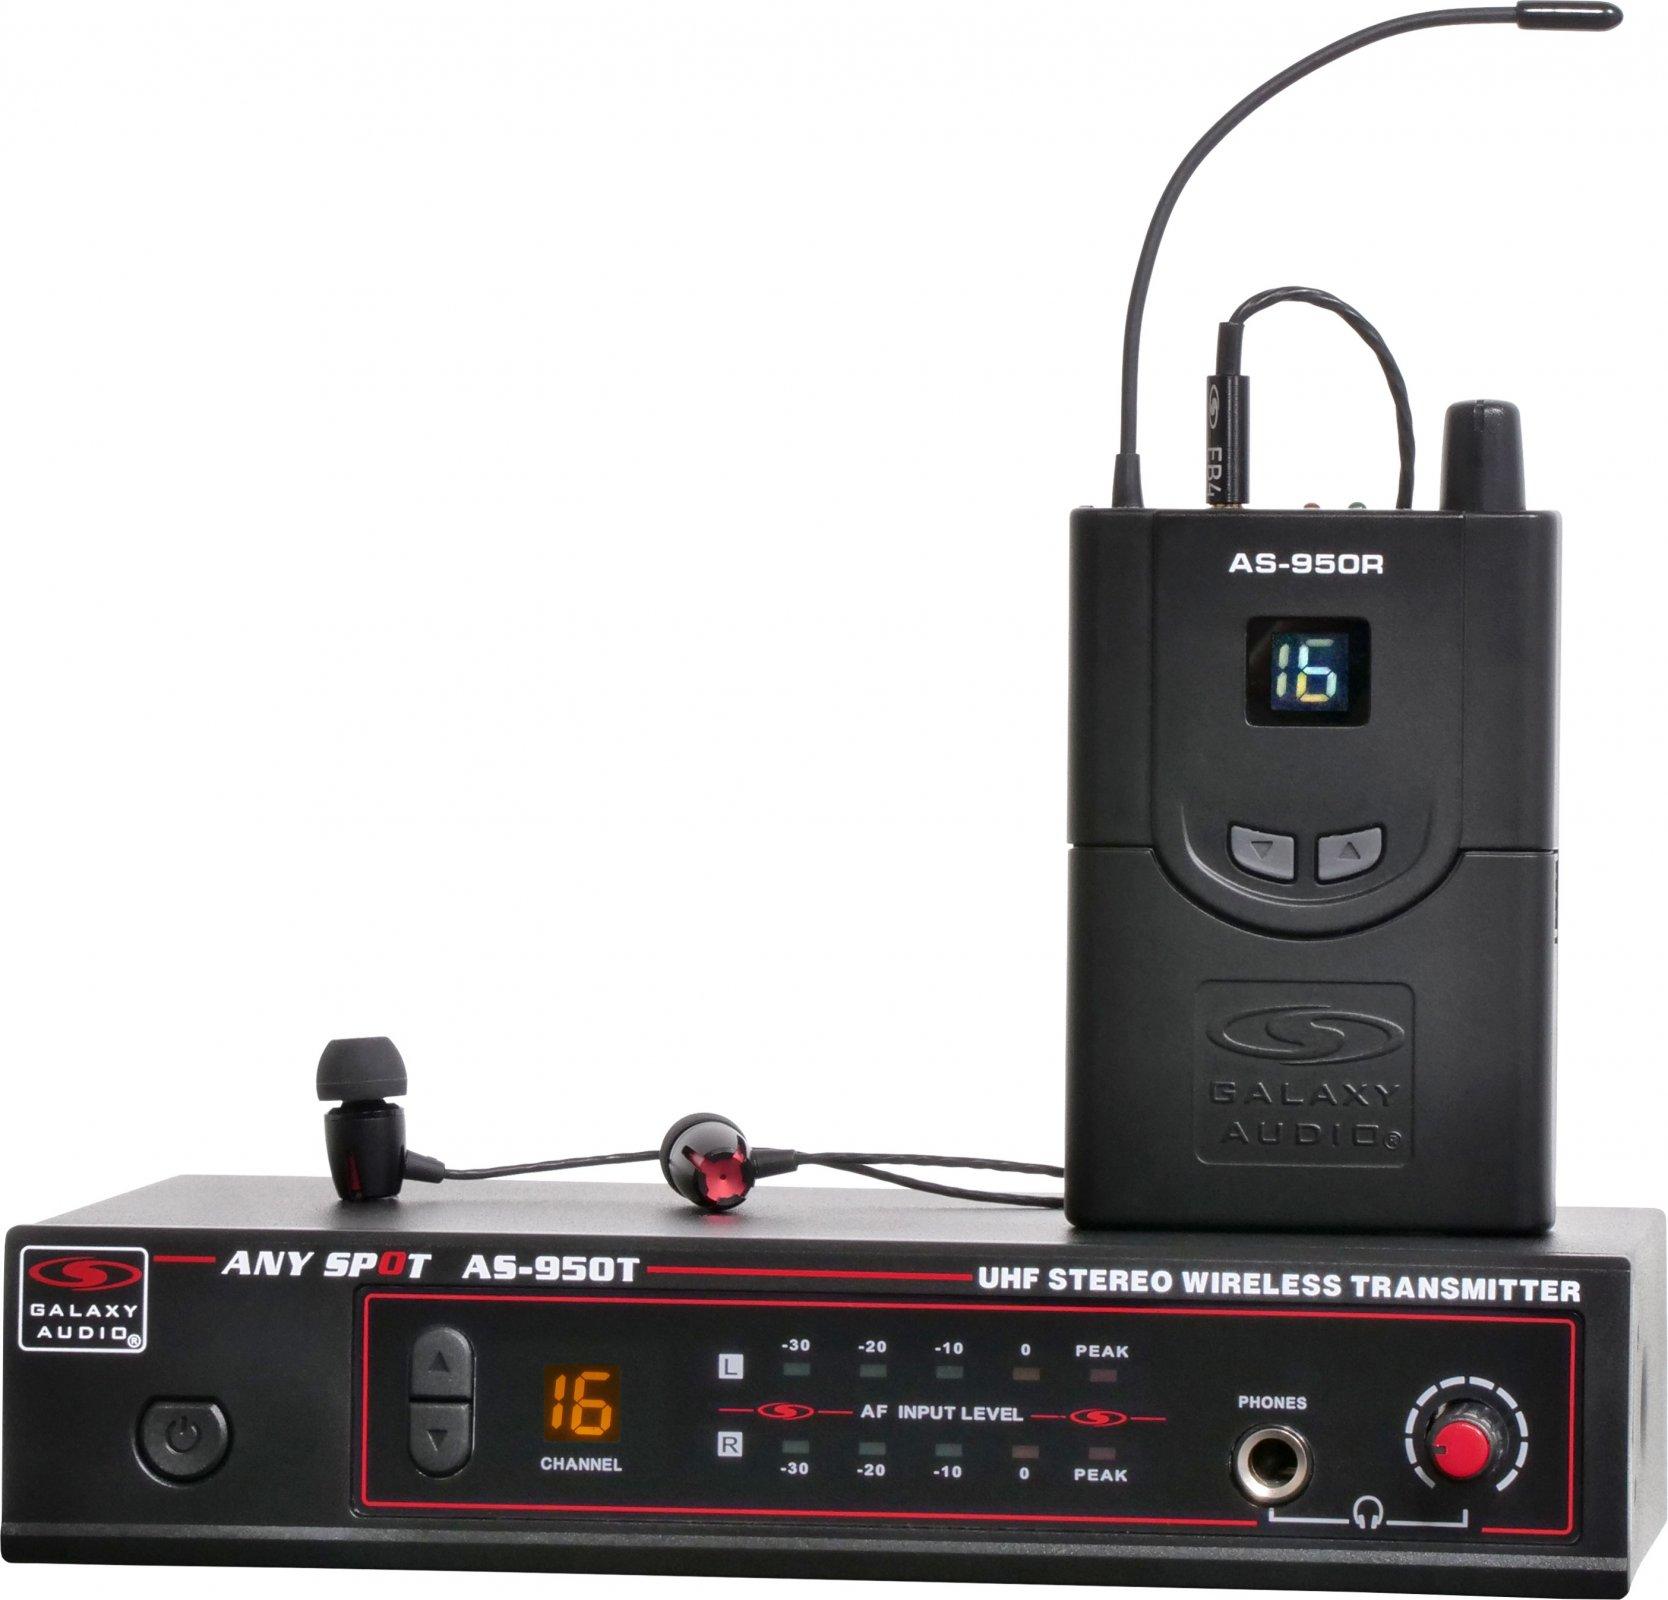 Galaxy AS-950 In Ear monitor